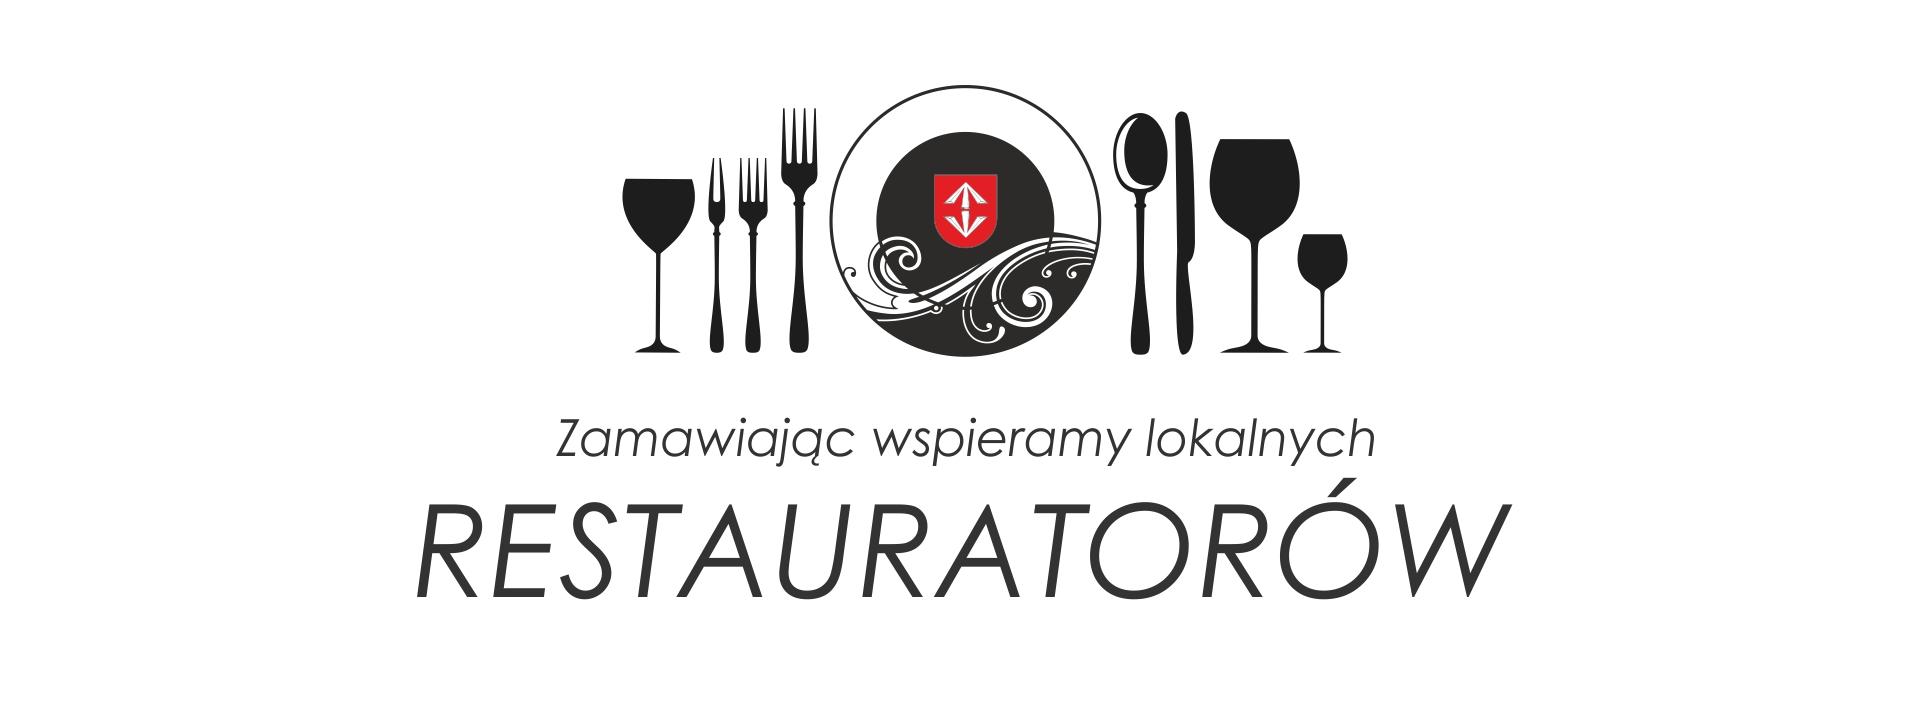 Zamawiając wspieramy lokalnych restauratorów